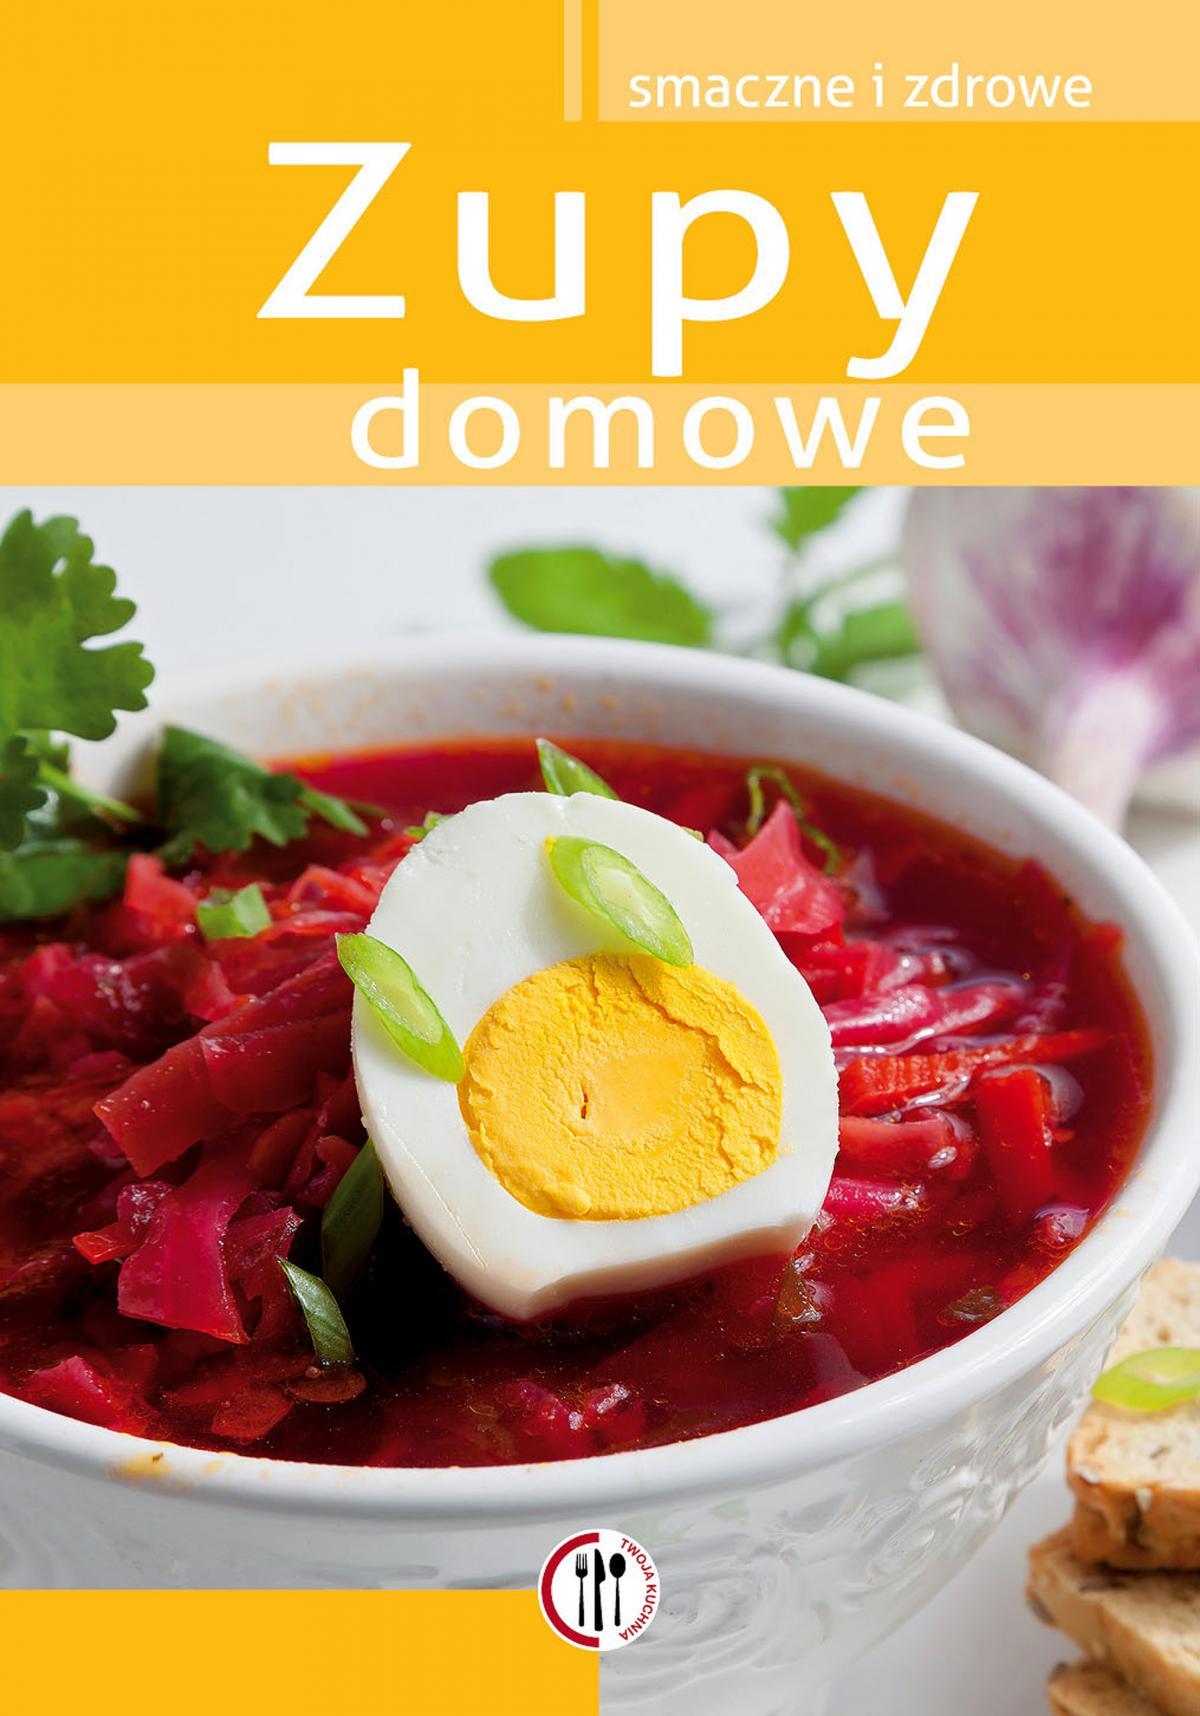 Zupy domowe. Smaczne i zdrowe - Ebook (Książka PDF) do pobrania w formacie PDF